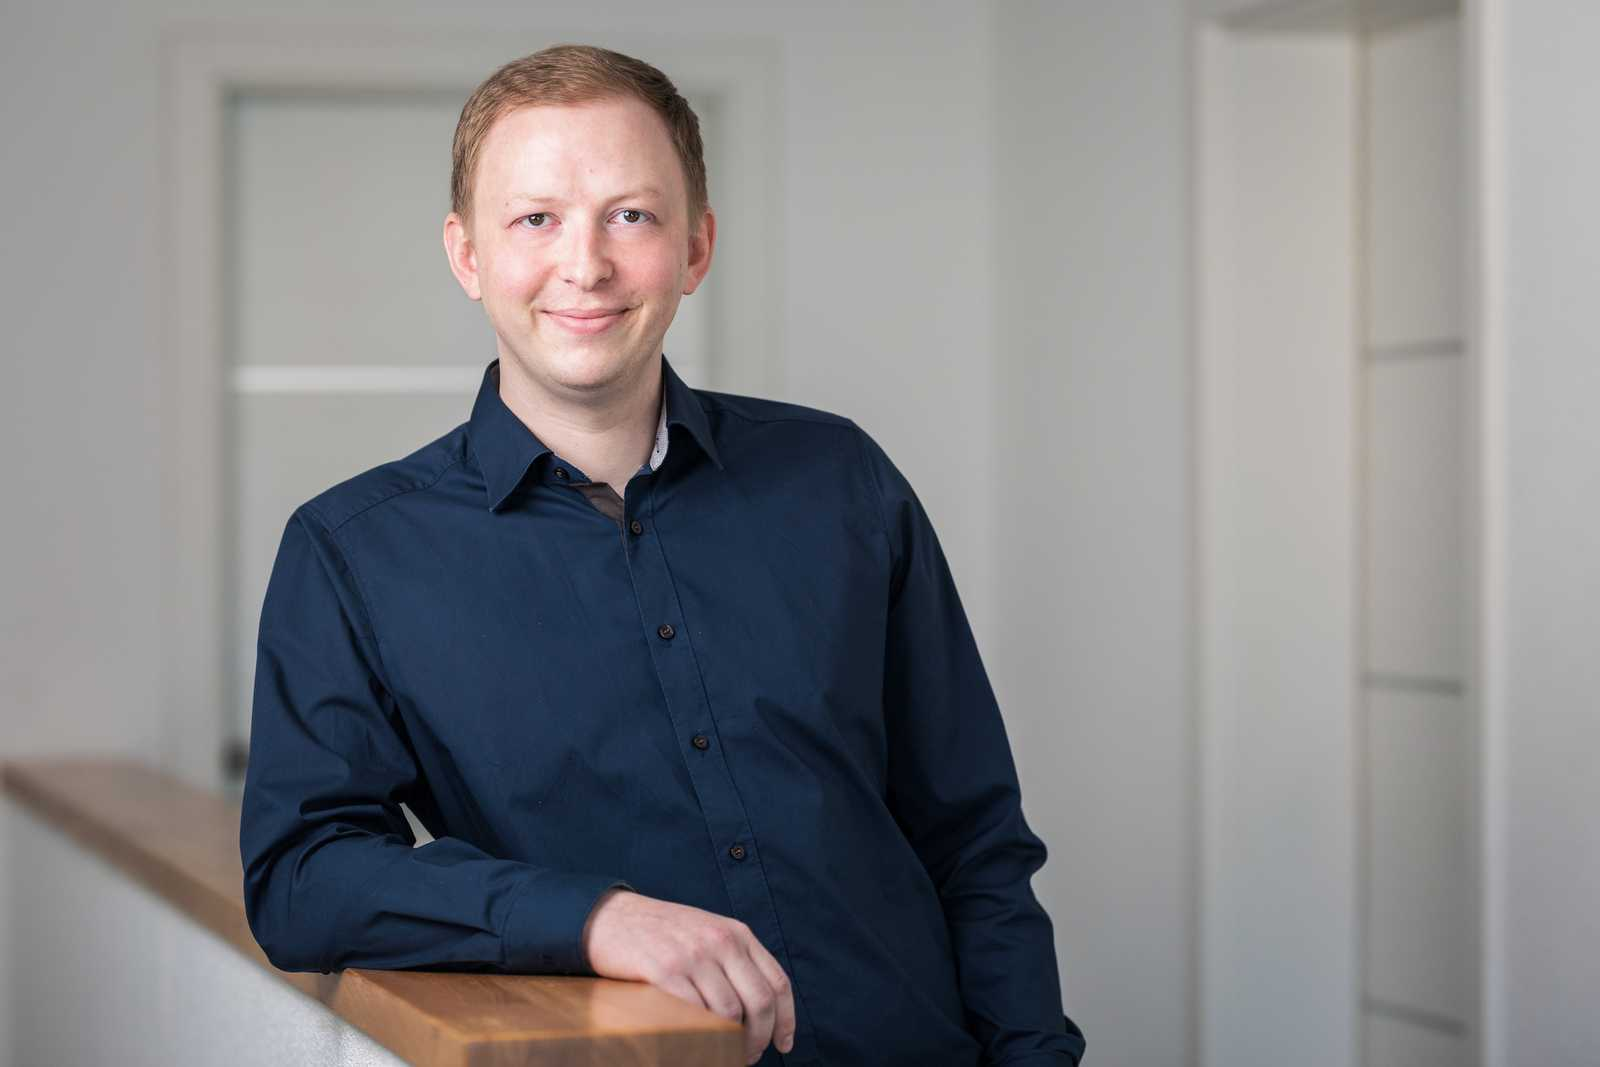 Mokkapps (Michael Hoffmann) Freelancer Angular Image